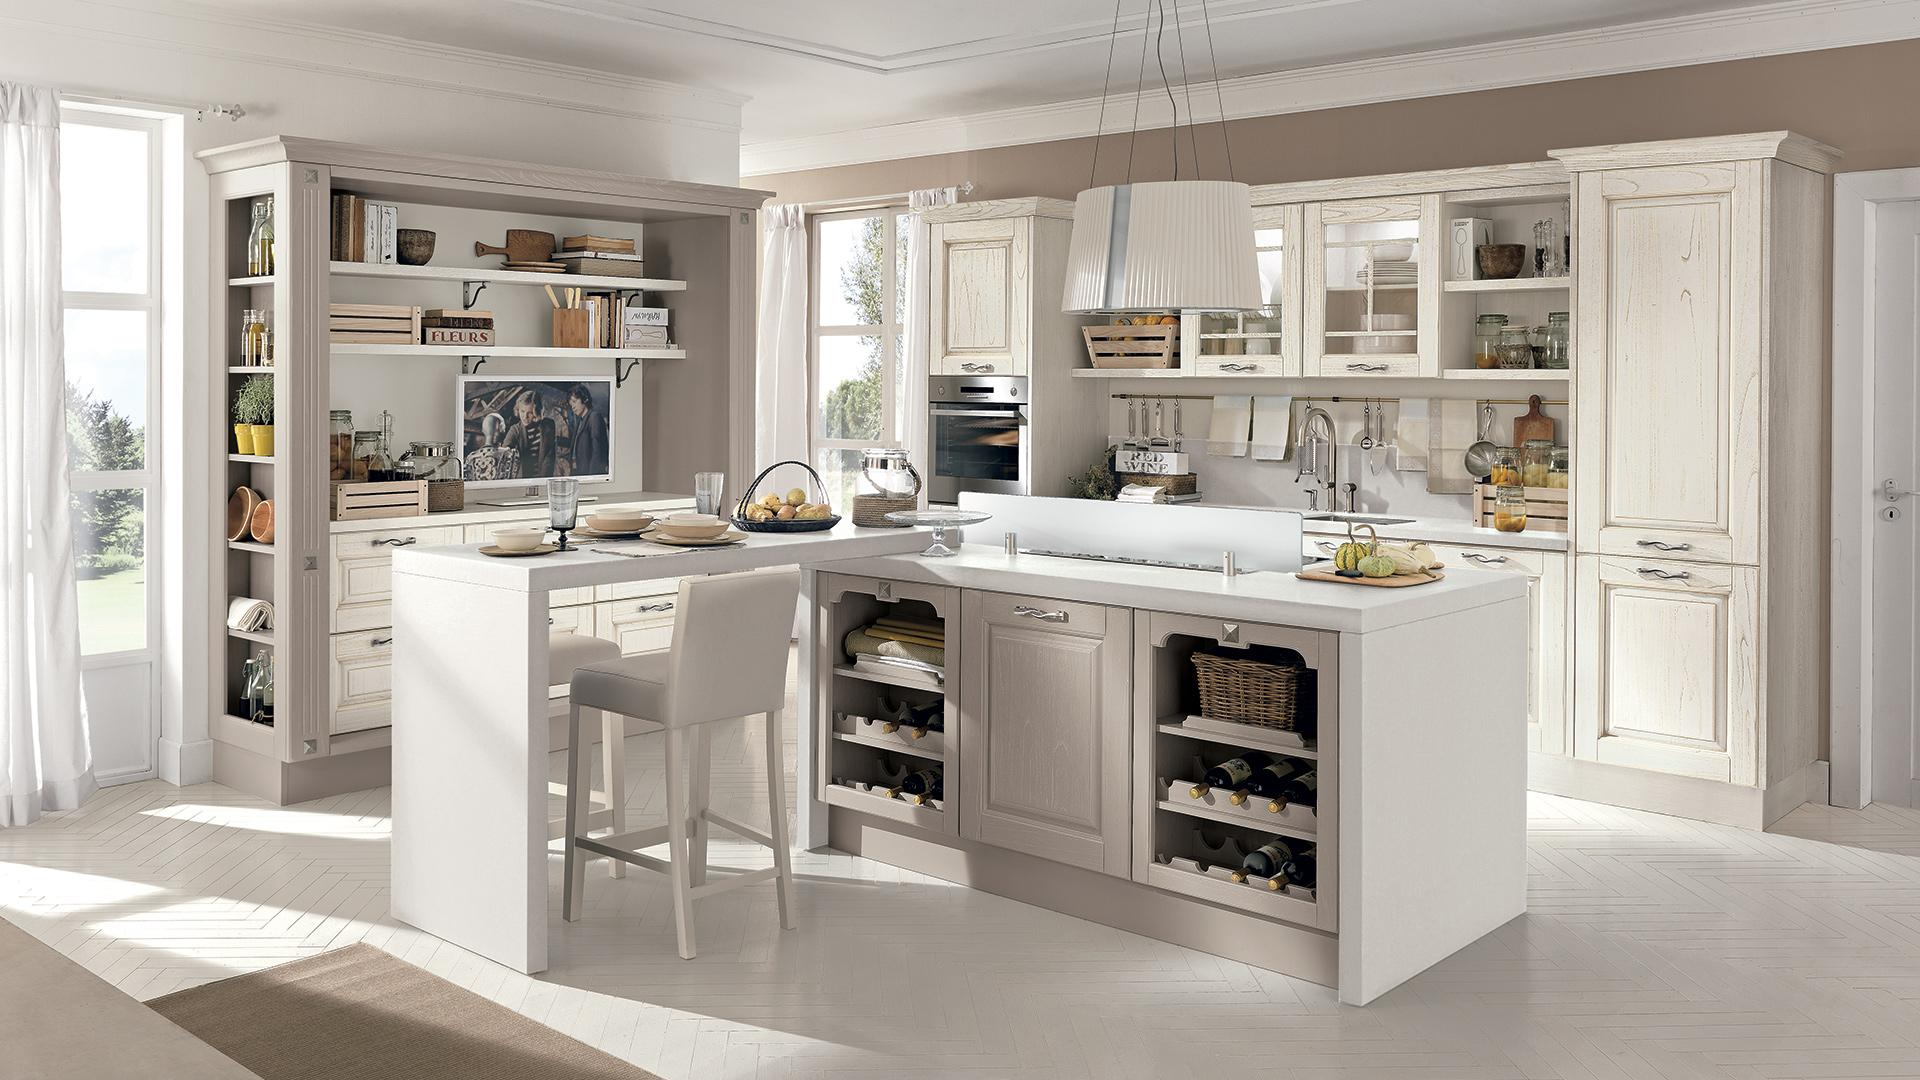 Cucina con isola le soluzioni da non perdere di lube - Cucine con isola ...